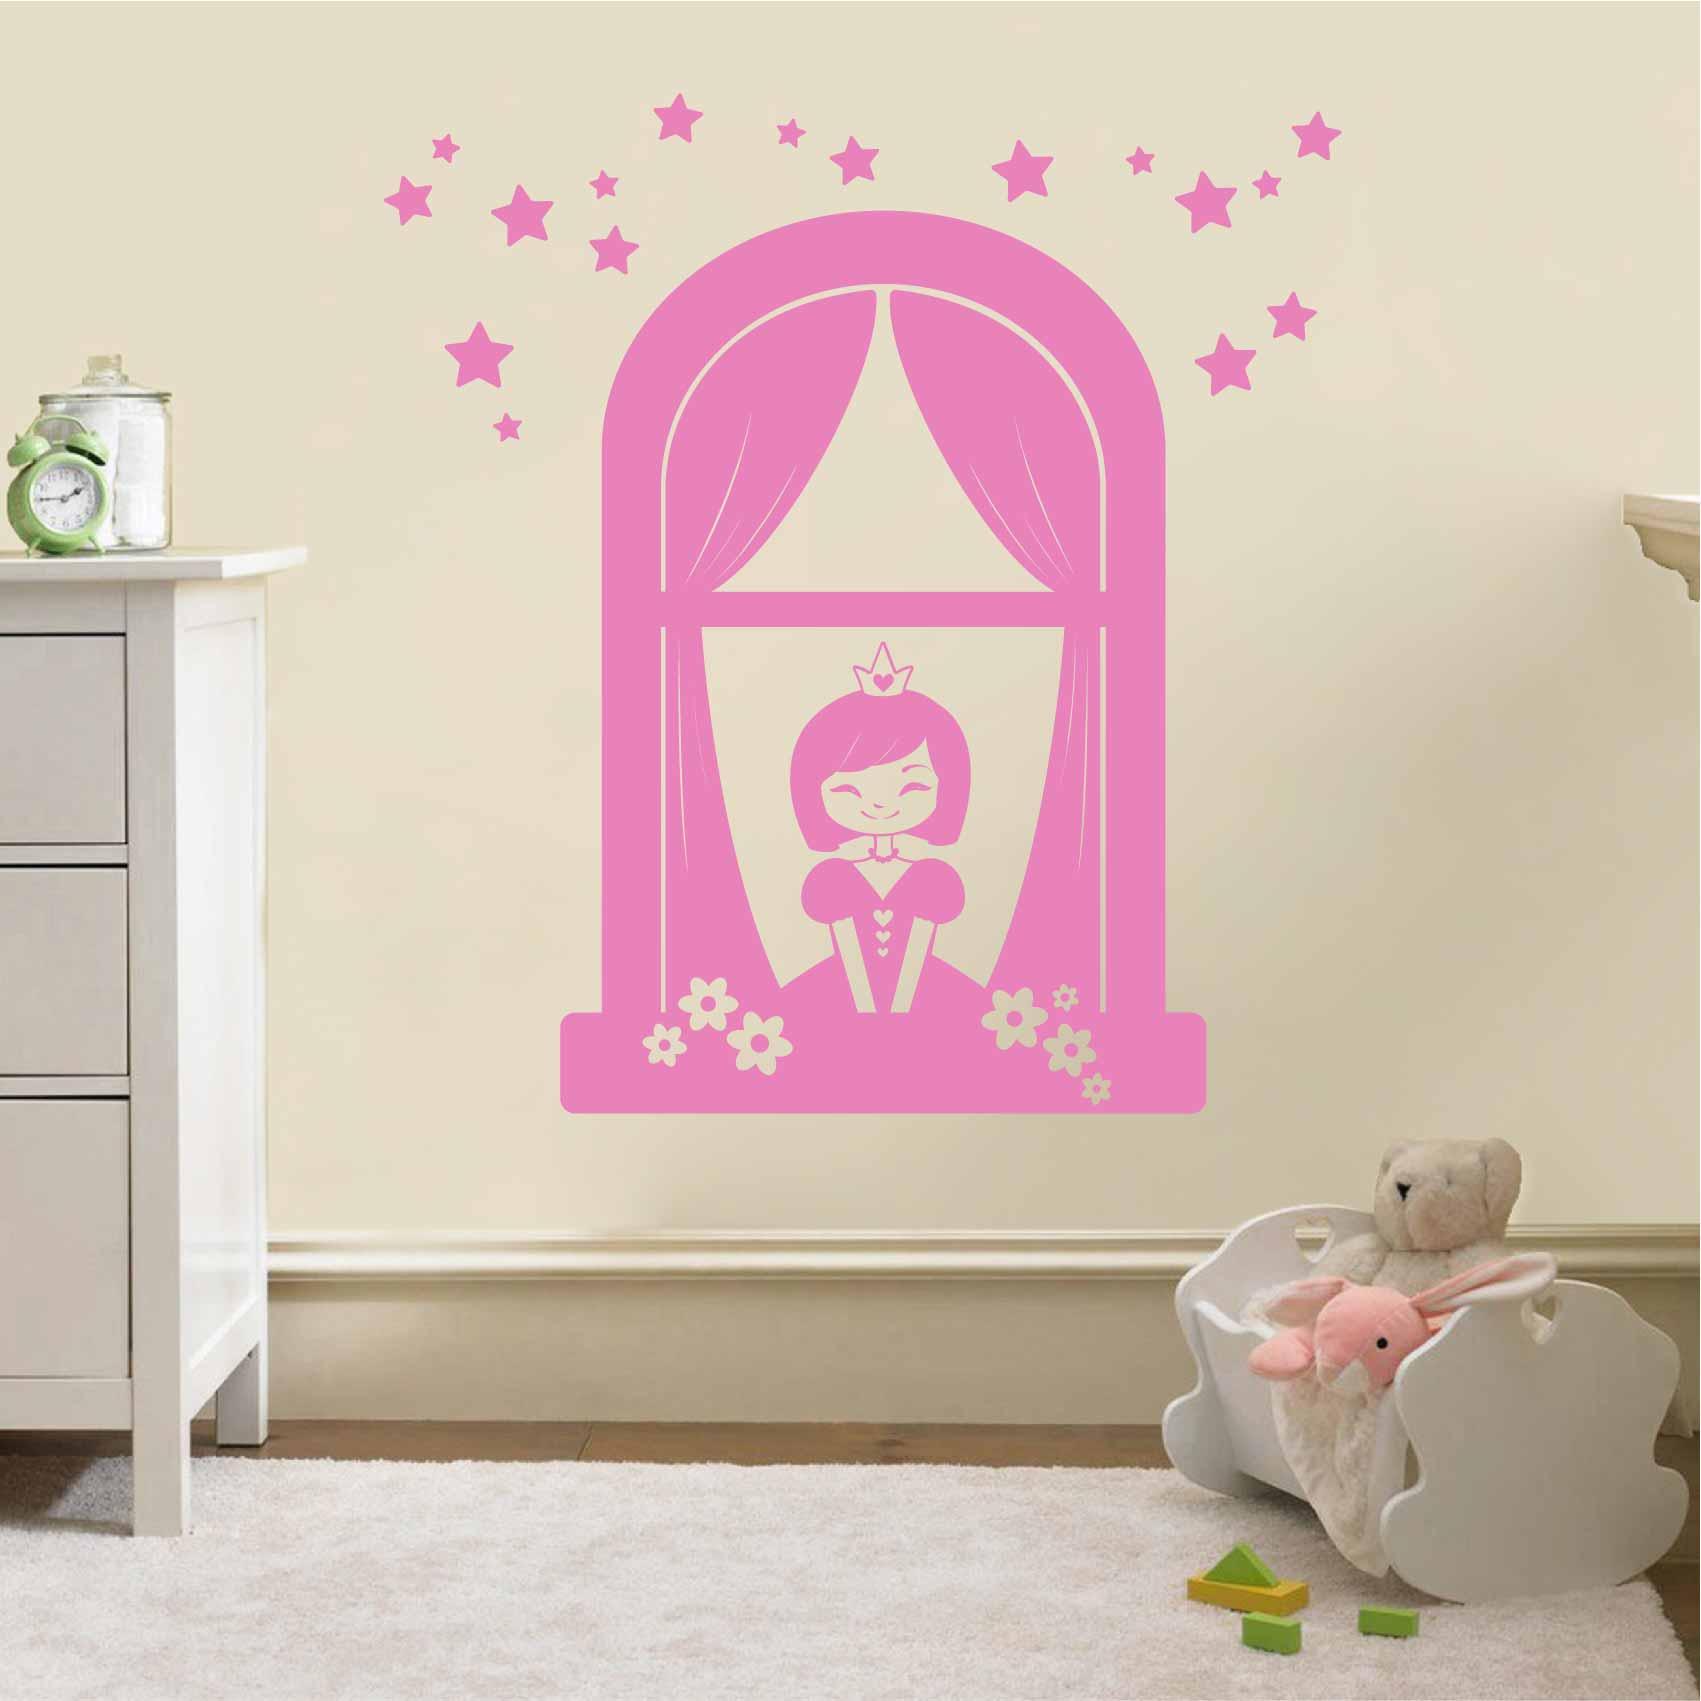 Stickers Pour Fenetre Chambre stickers princesse fenetre